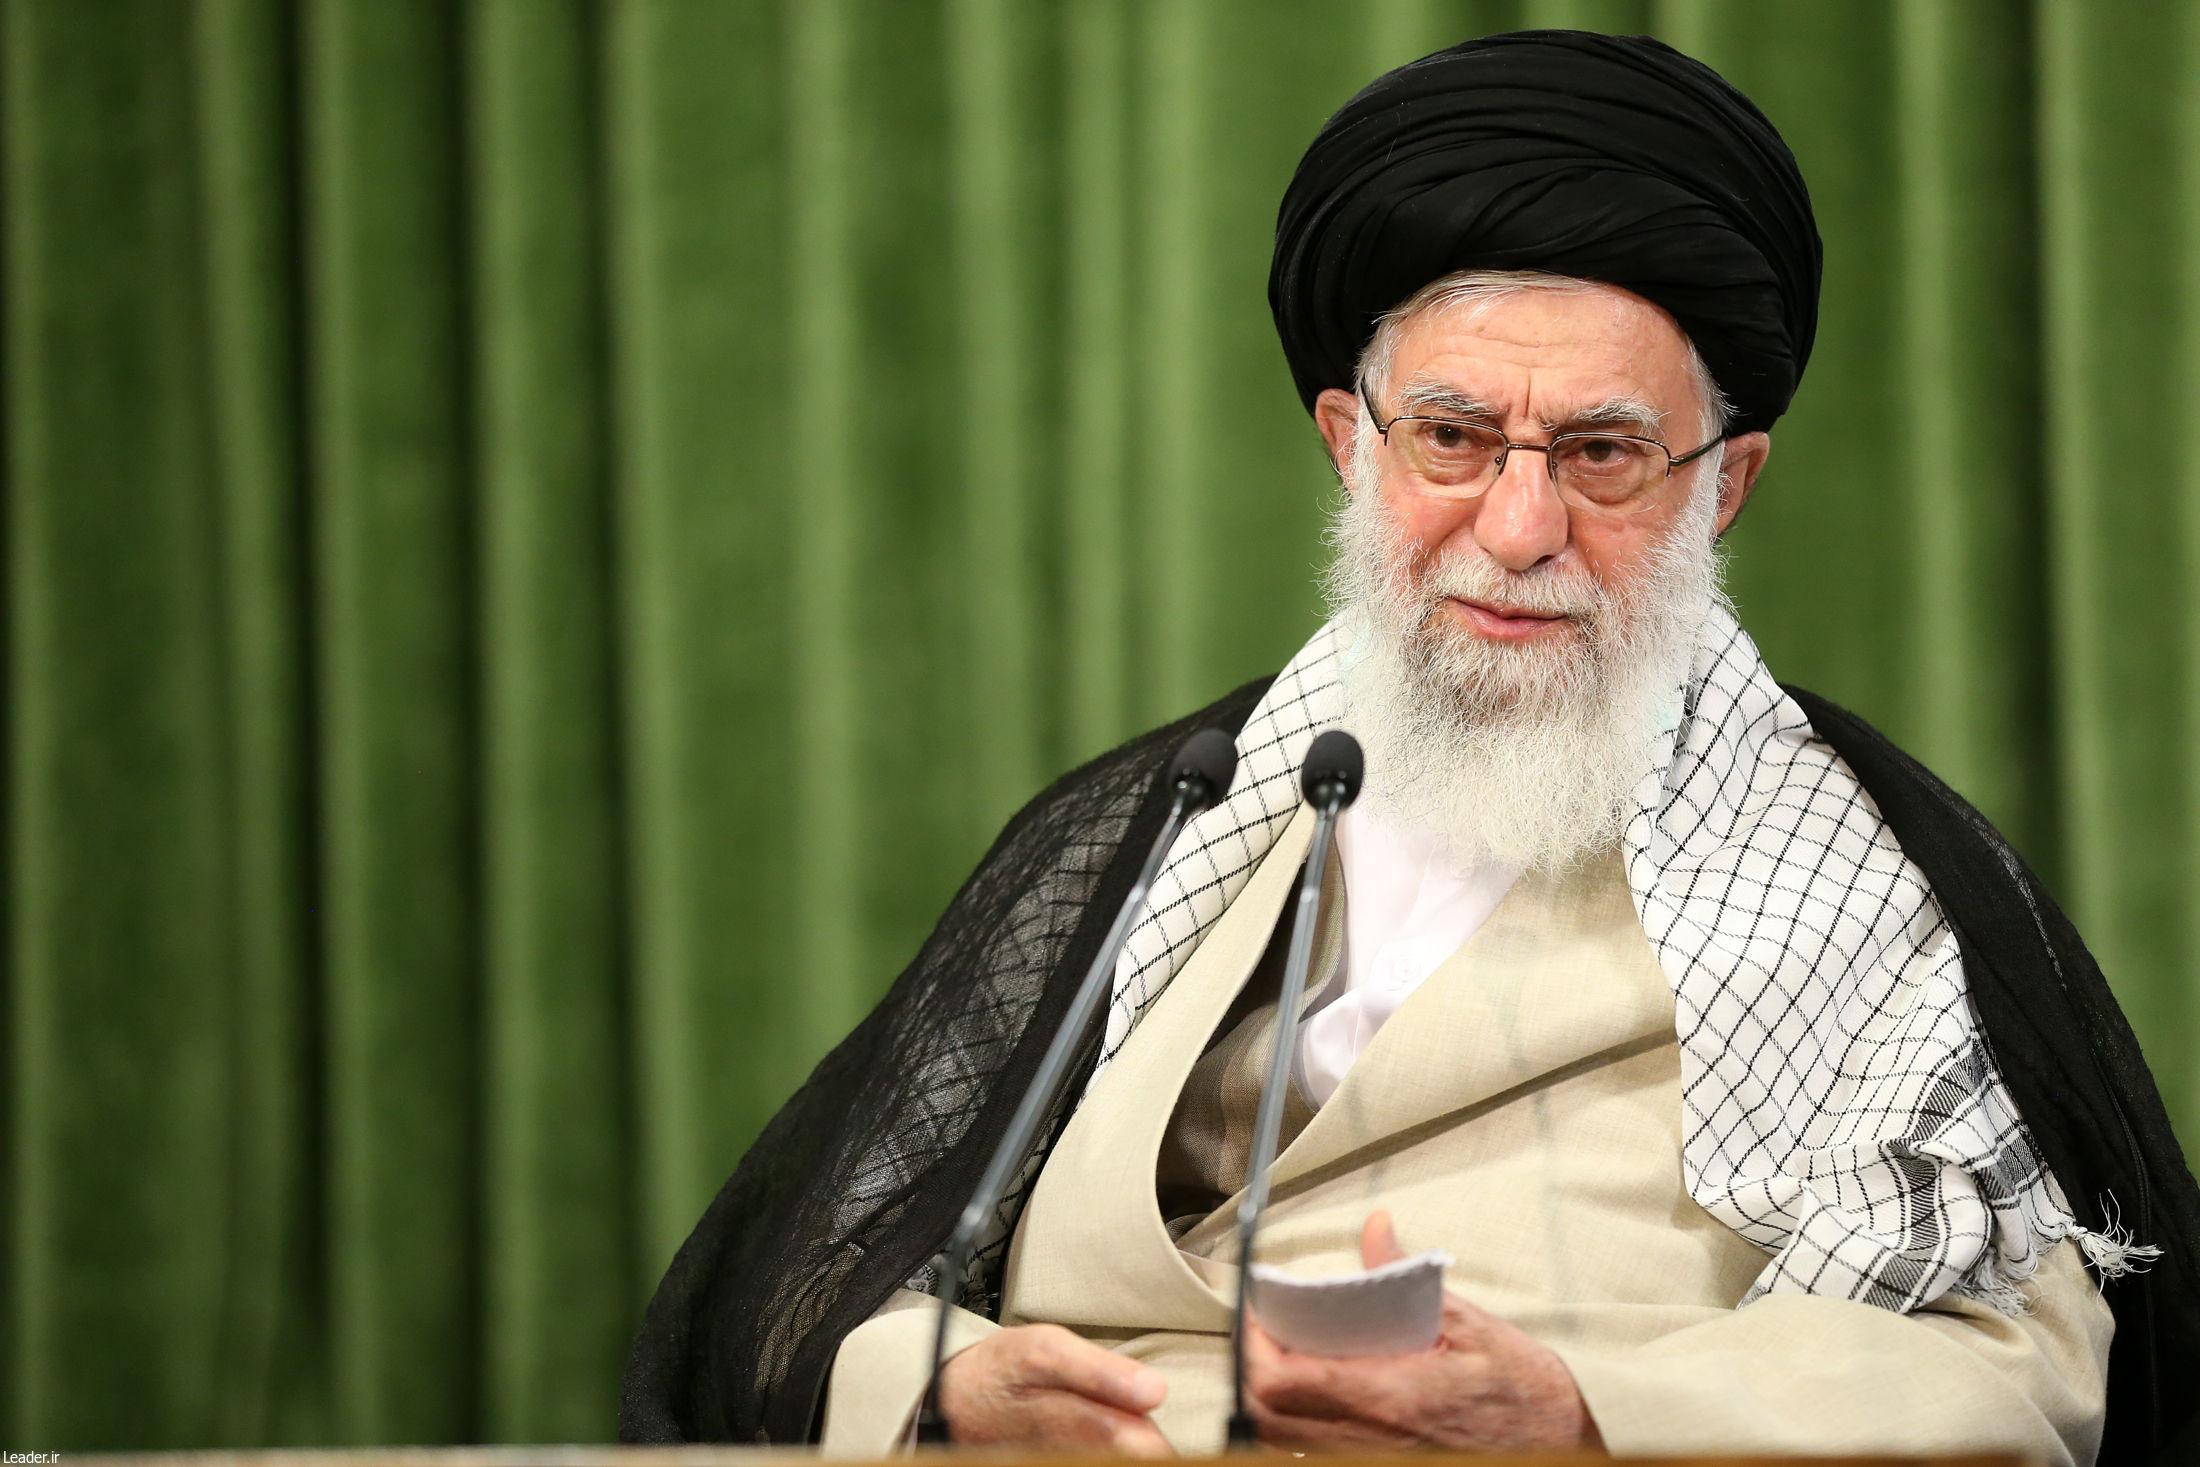 پیام تسلیت رهبر انقلاب در پی رحلت آیت الله شیخ یوسف صانعی